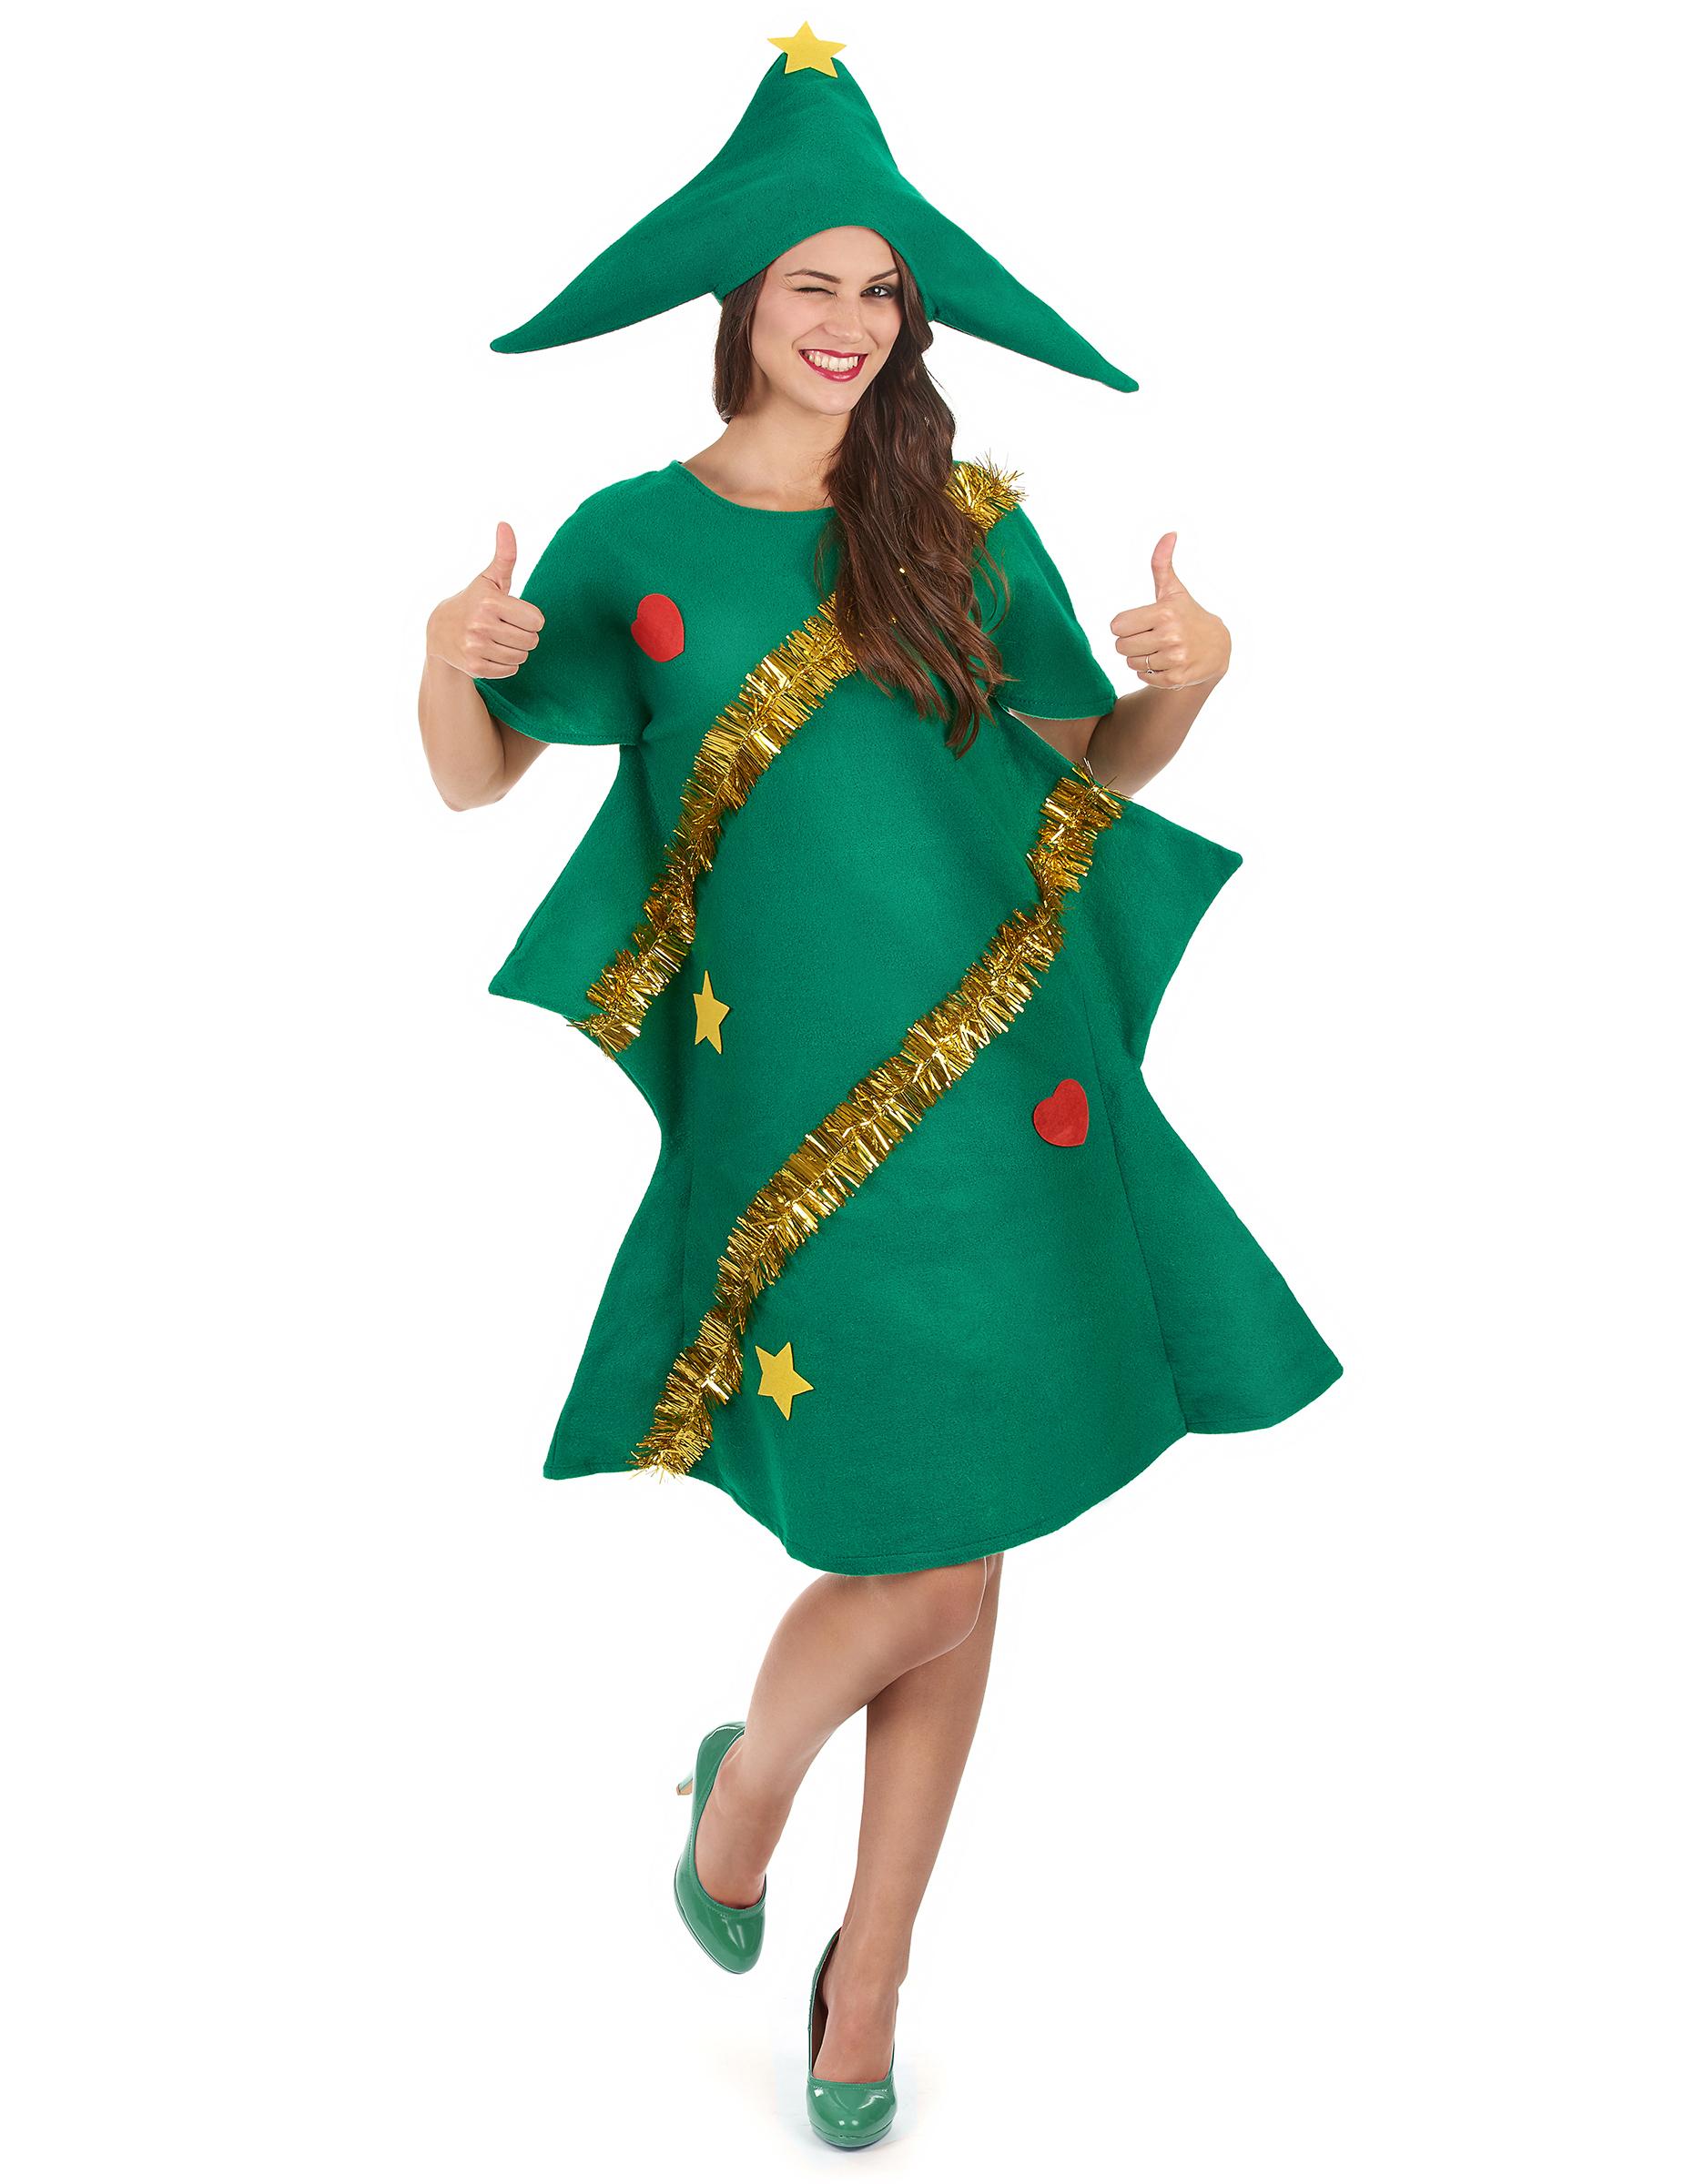 Weihnachtsbaum Kostum Aus Filz Fur Damen Grun Gold Kostume Fur